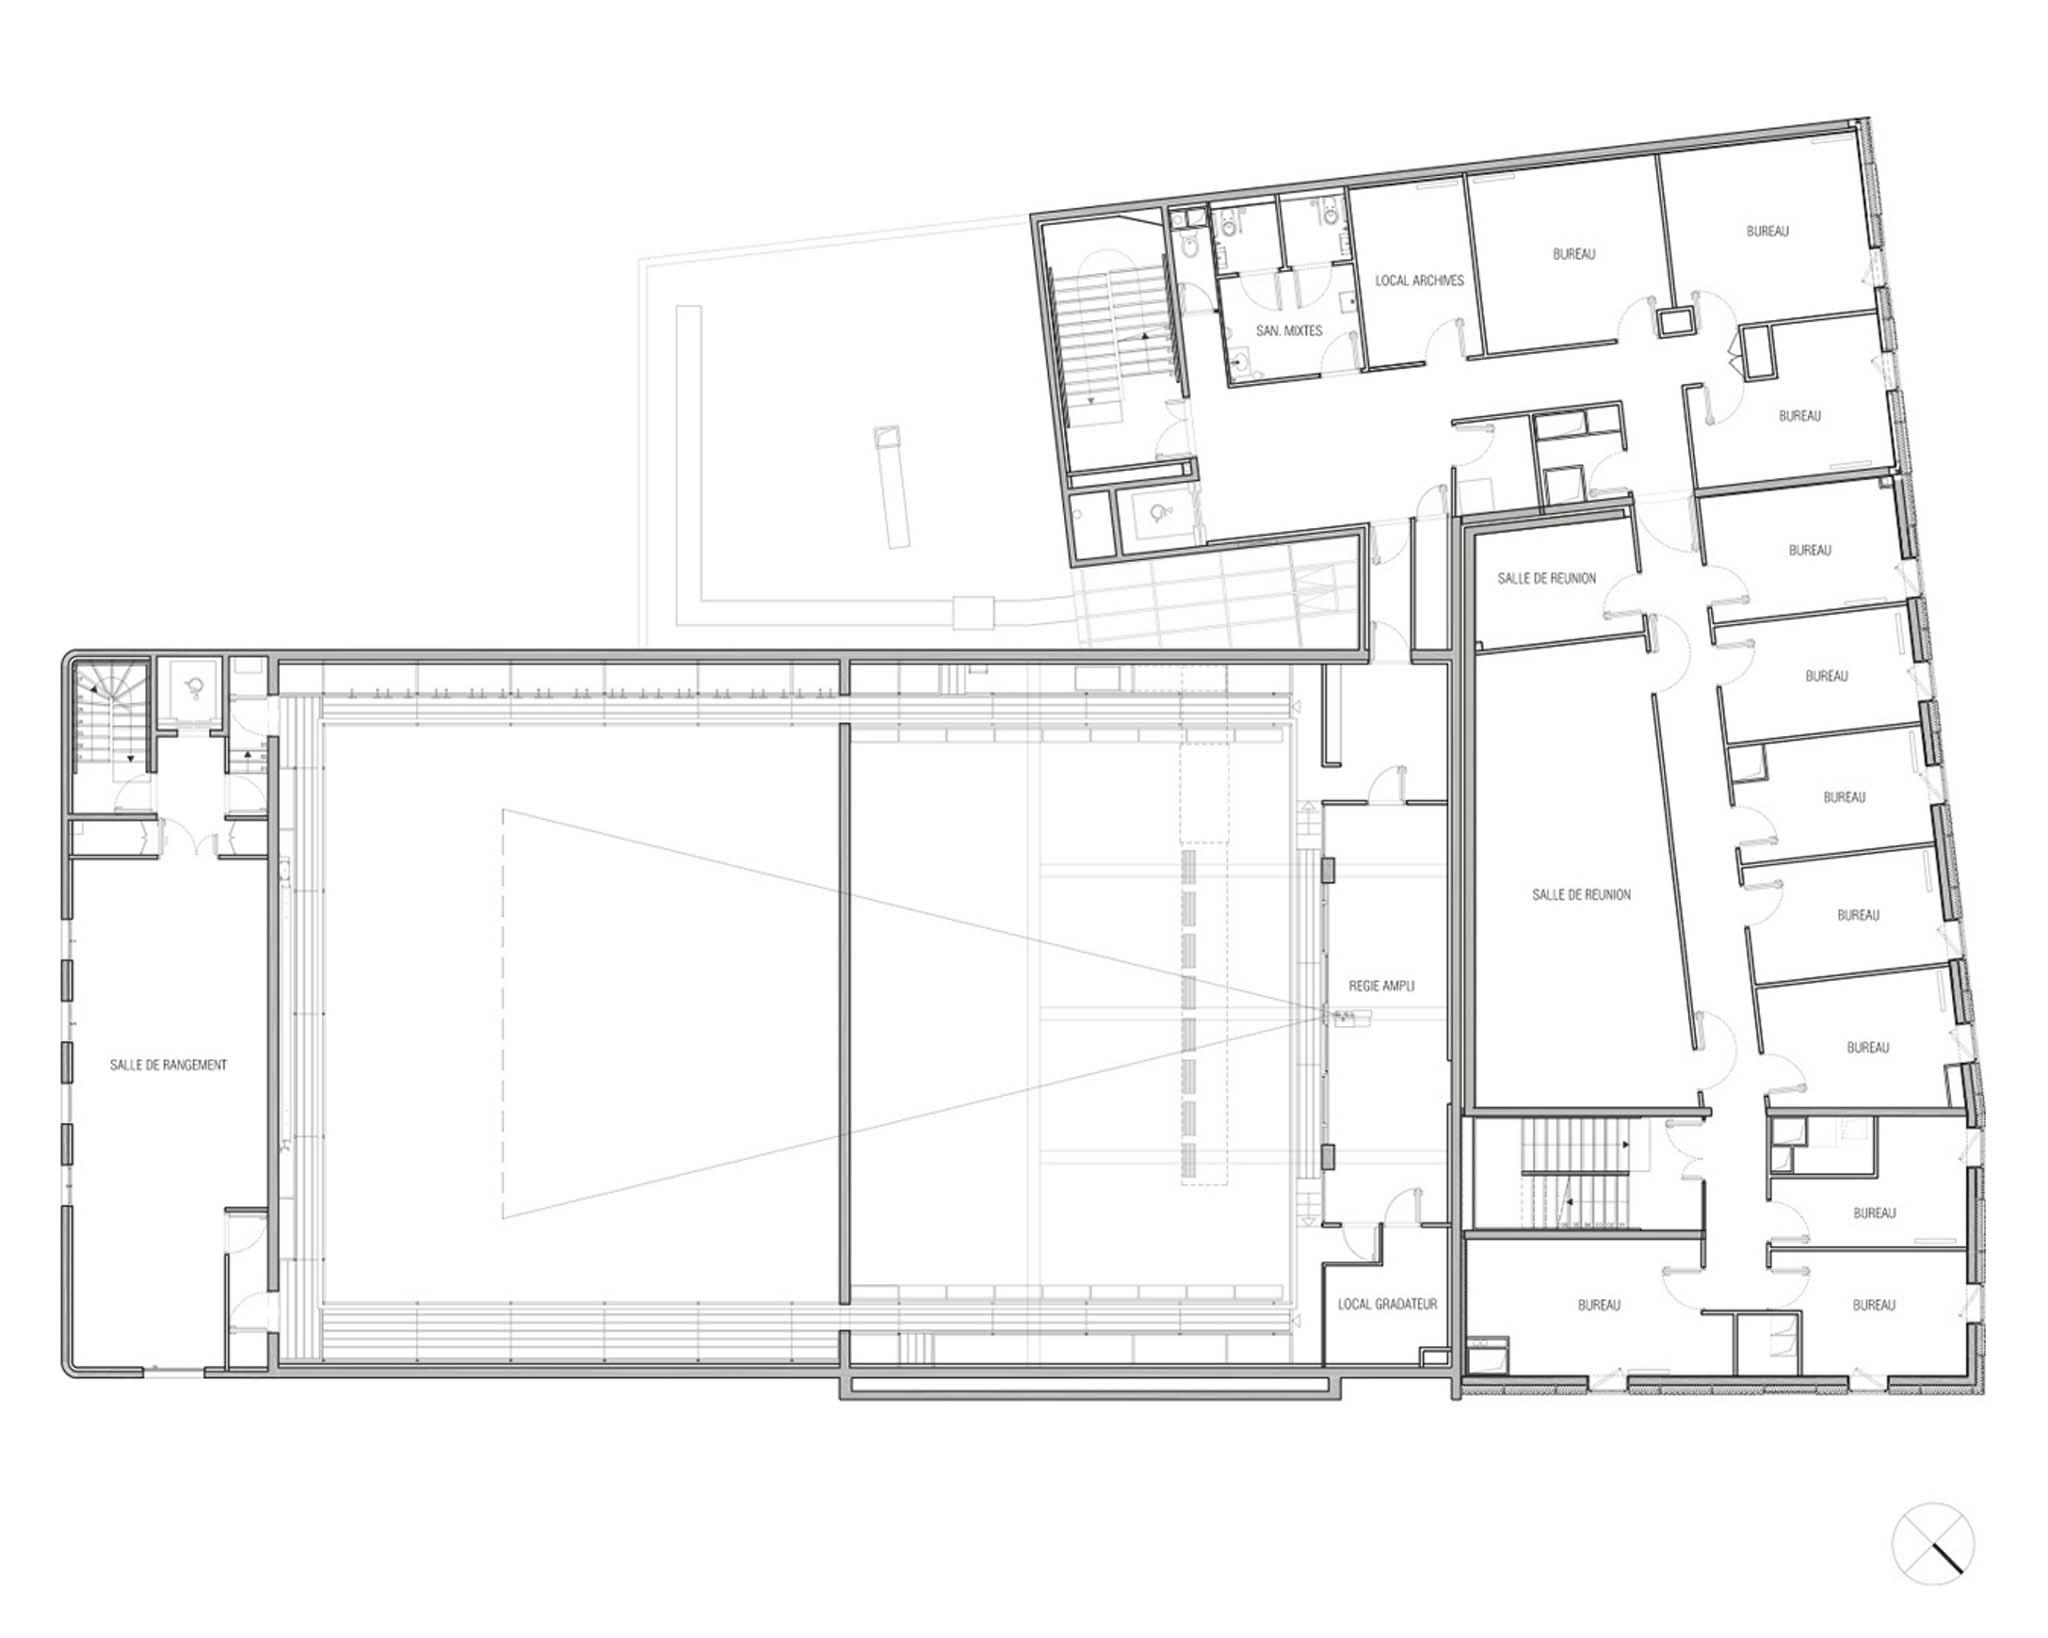 Restructuration et extension dun théâtre manuelle gautrand architecture béthune plan du r 2 manuelle gautrand architecture photo n 1214